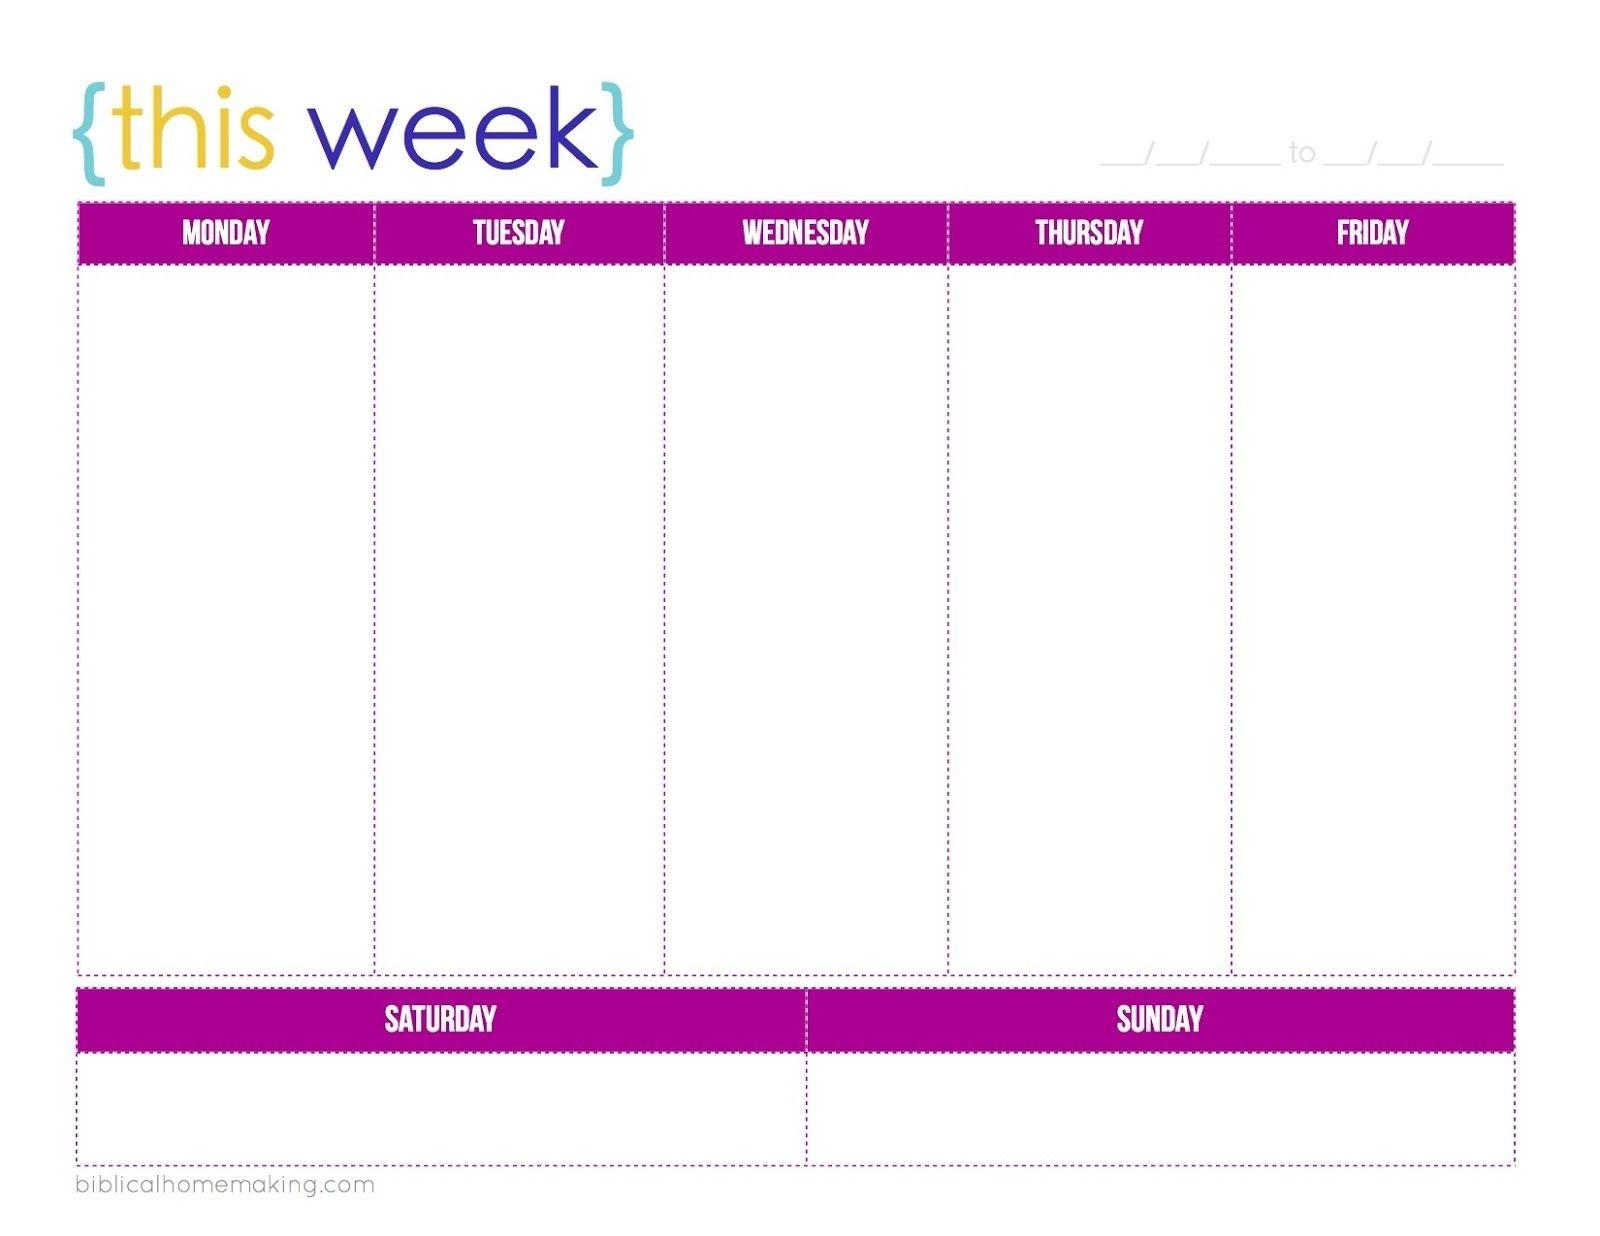 Biblical Homemaking: {This Week} :: A Free Weekly Planner